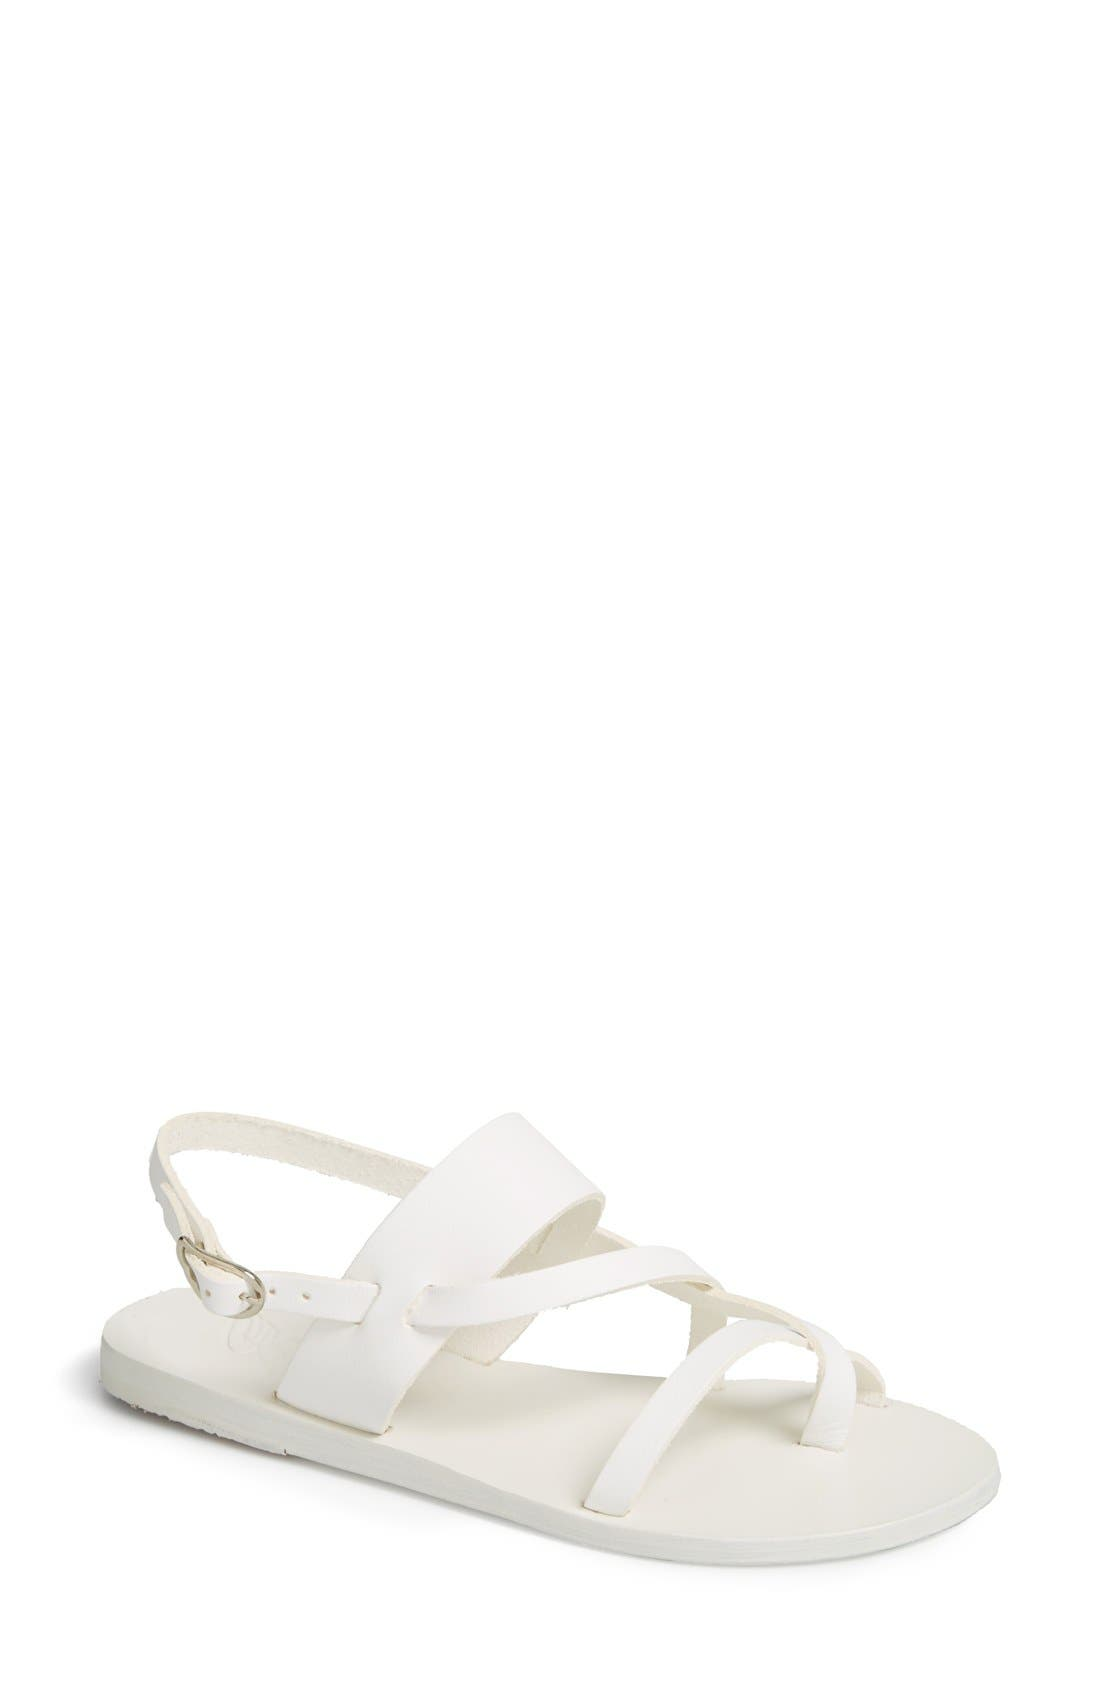 Alternate Image 1 Selected - Ancient Greek Sandals 'Alethea' Slingback Sandal